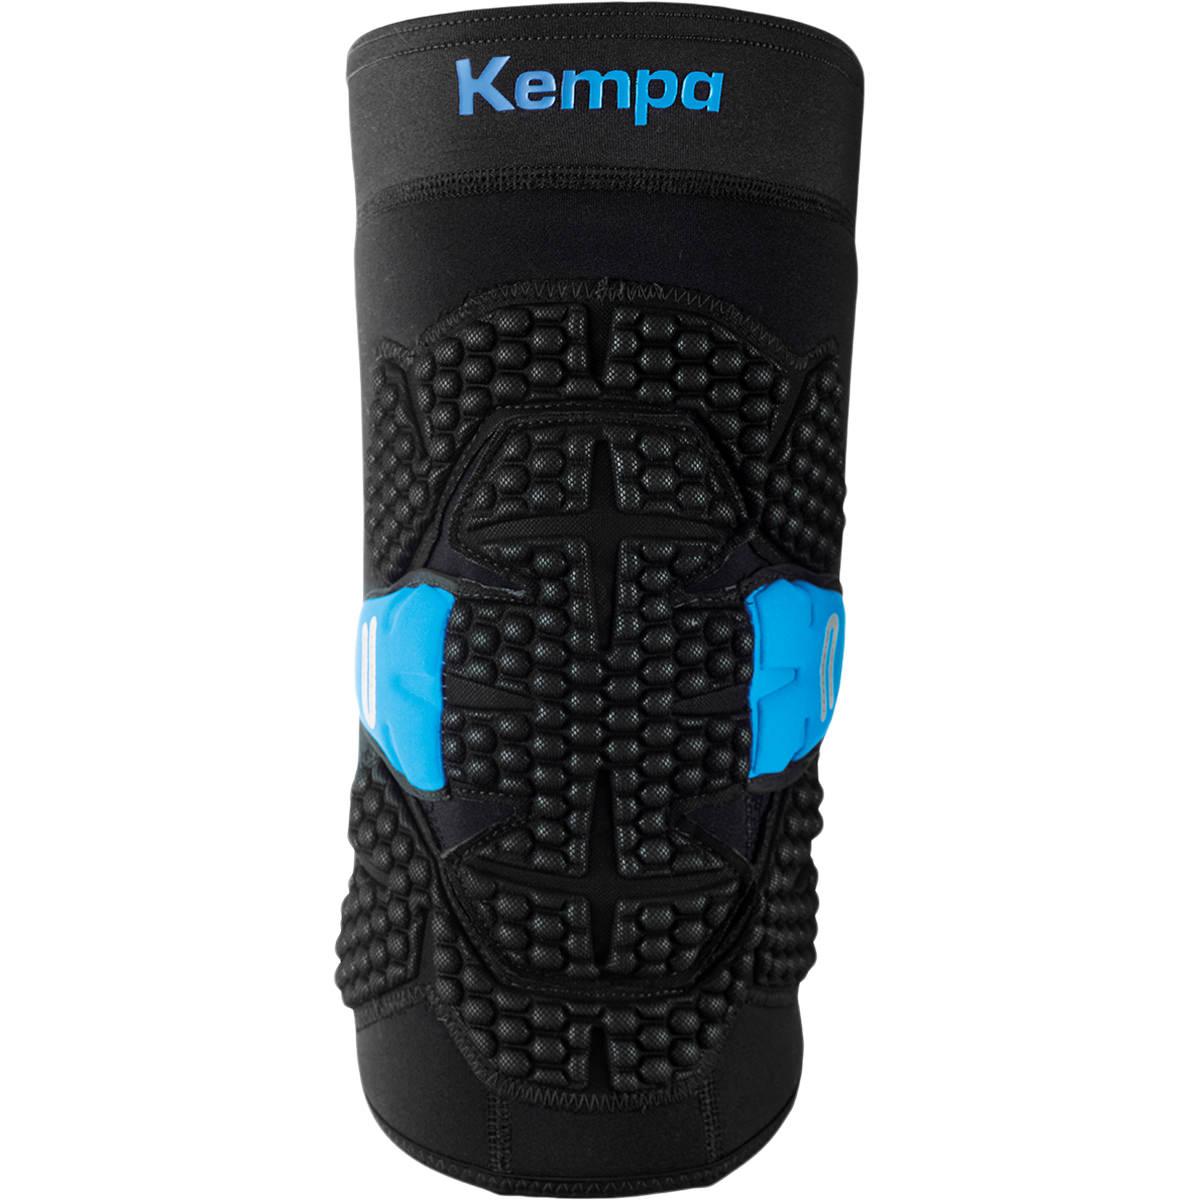 Kempa Guard Knæbeskytter